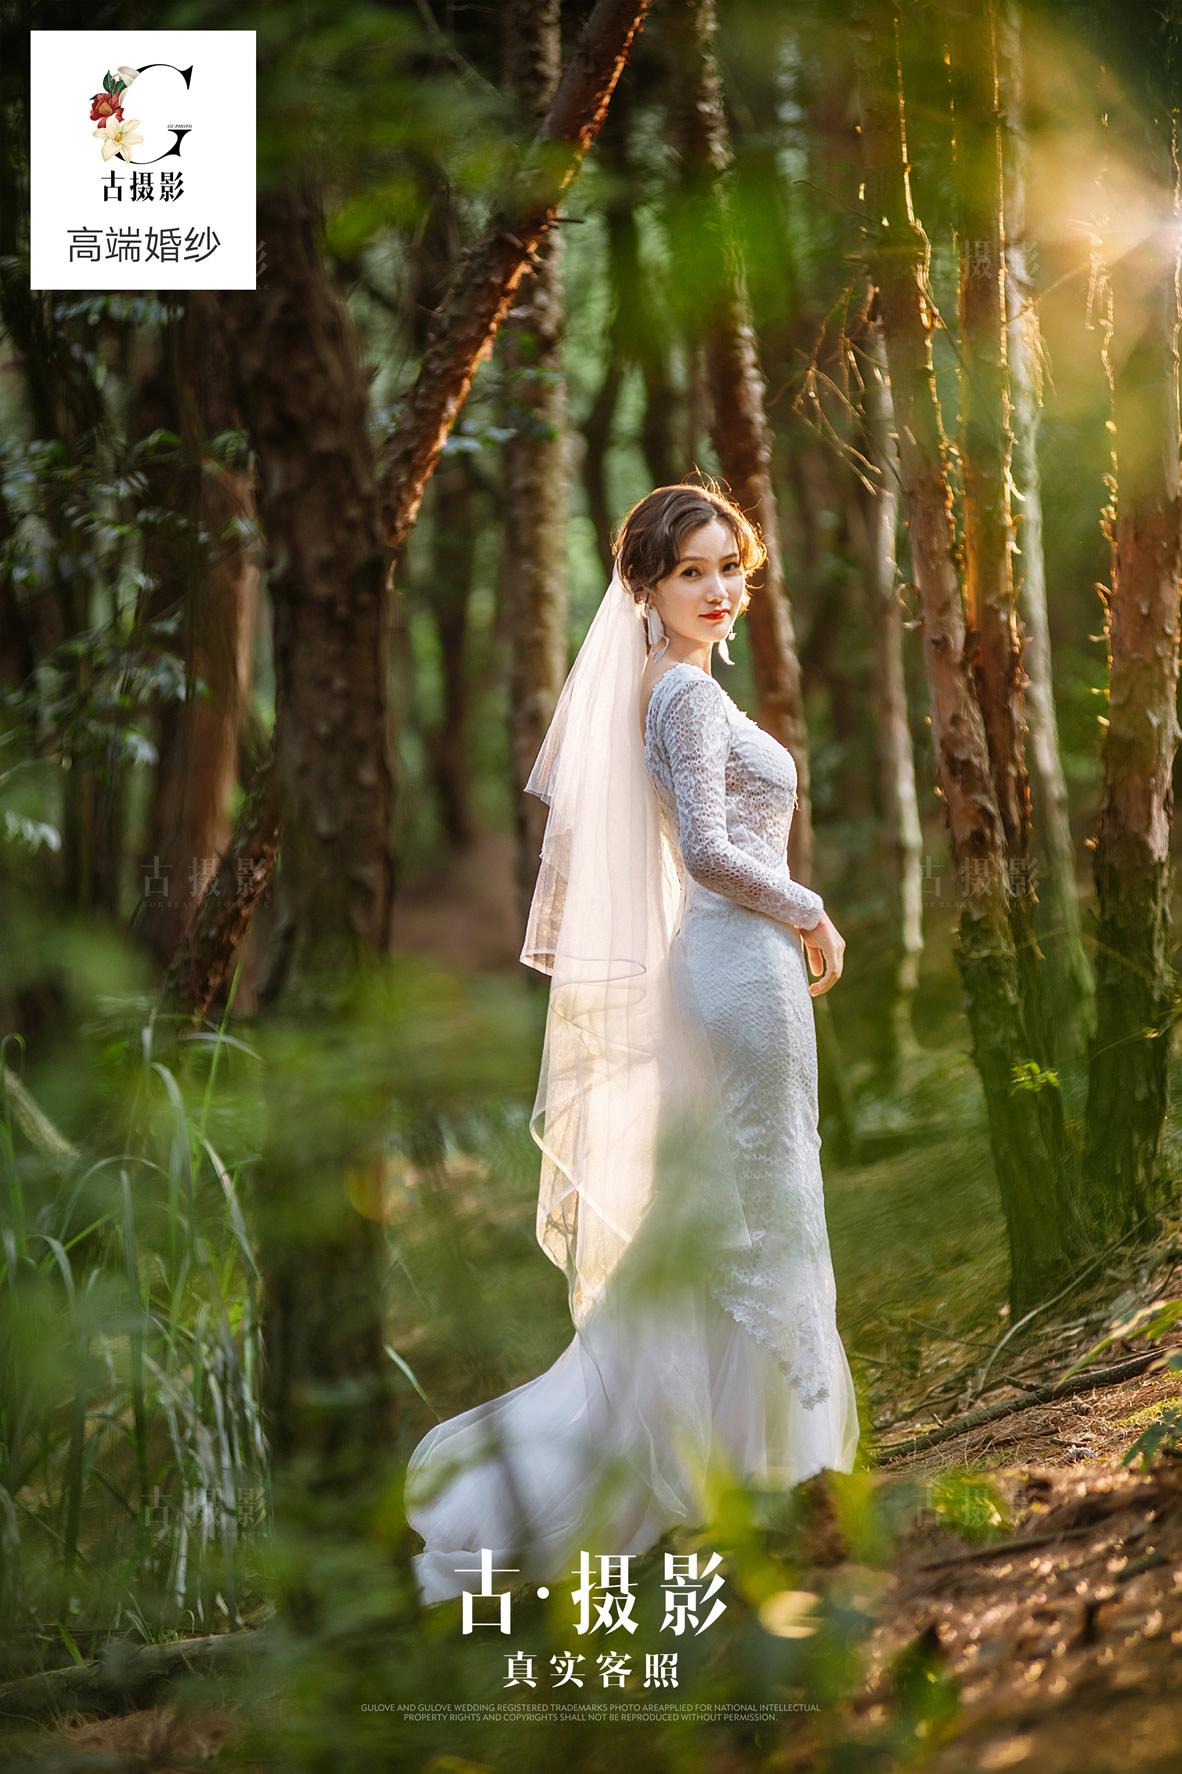 1月10日客片蒋先生 杨小姐 - 每日客照 - 古摄影婚纱艺术-古摄影成都婚纱摄影艺术摄影网